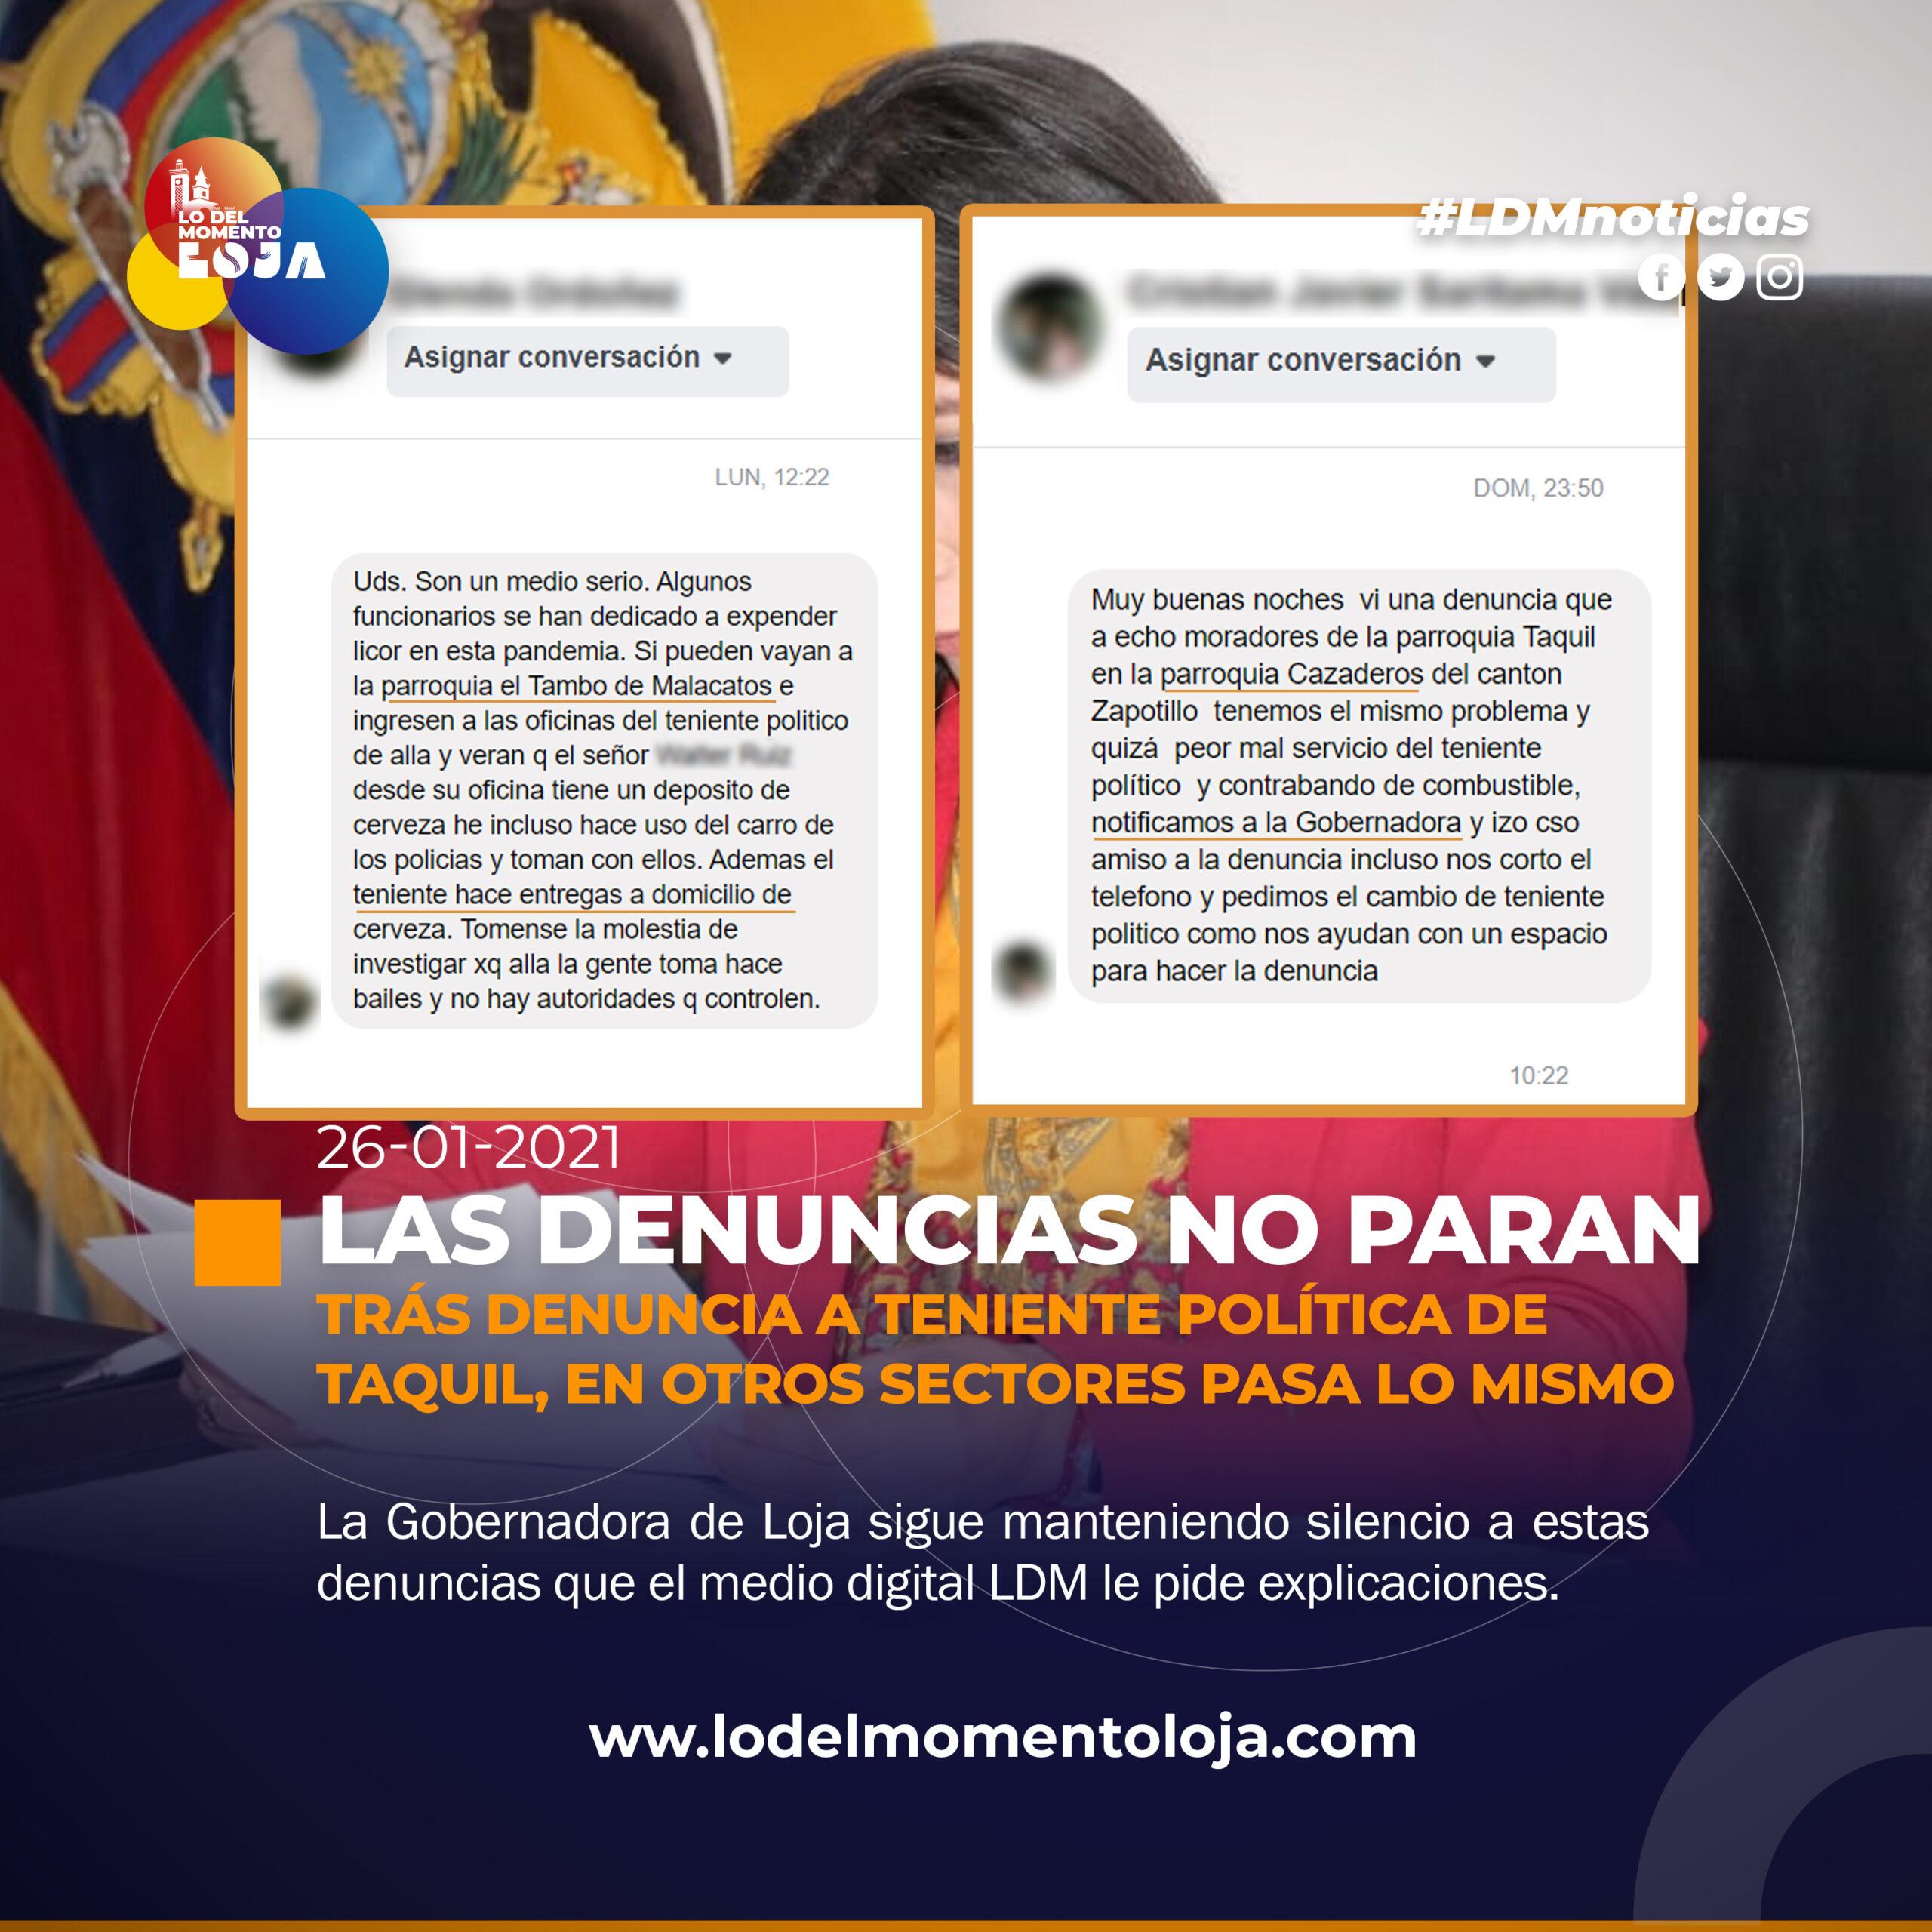 LAS DENUNCIAS EN TENENCIAS POLÍTICAS NO PARAN